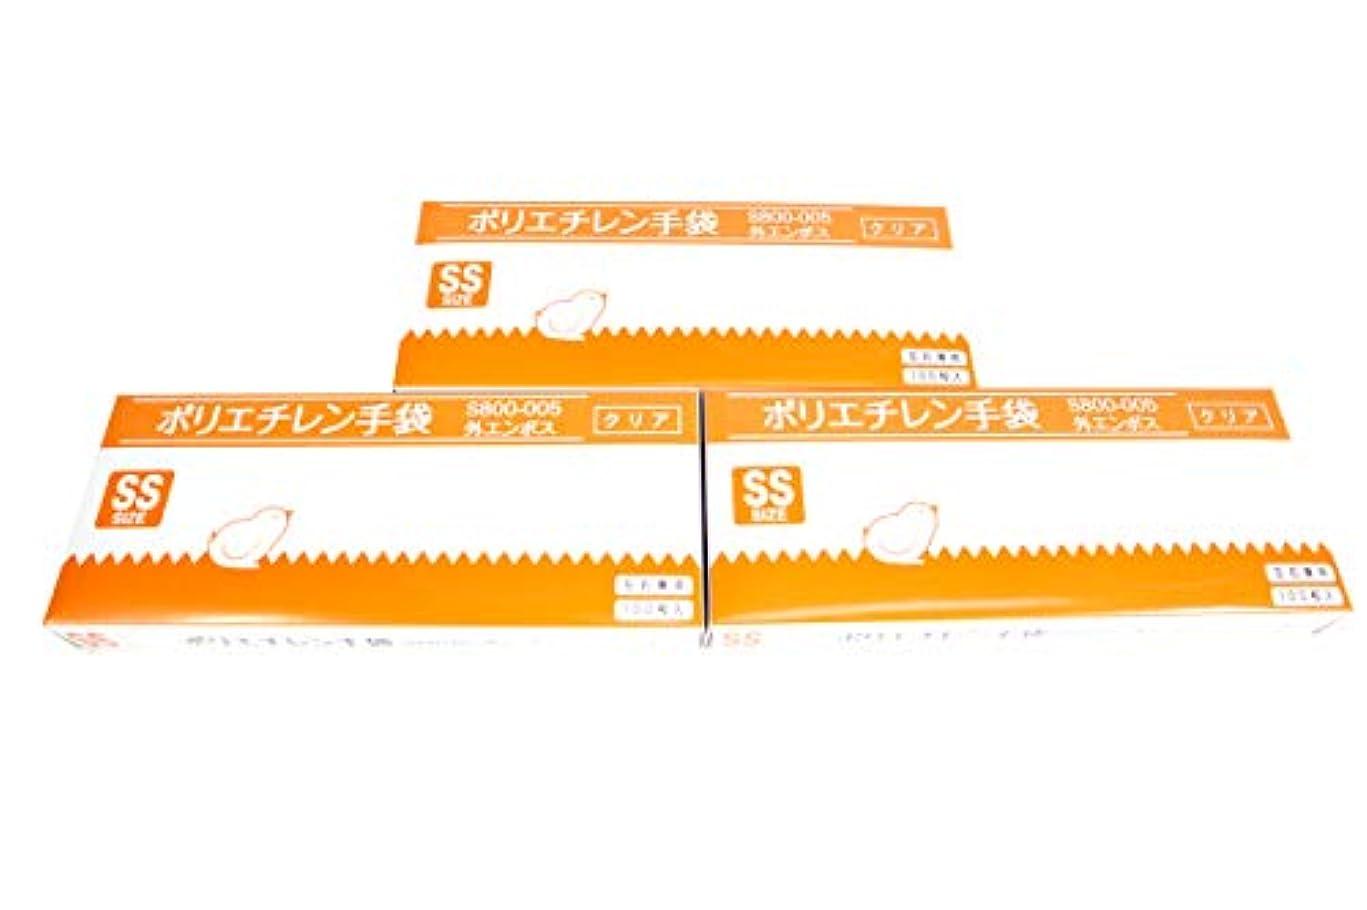 効率的に飼料ほぼ【お得なセット商品】(300枚) 使い捨て ポリエチレン手袋 SSサイズ 100枚入り×3BOX クリア色 左右兼用 外エンボス 食品衛生法適応